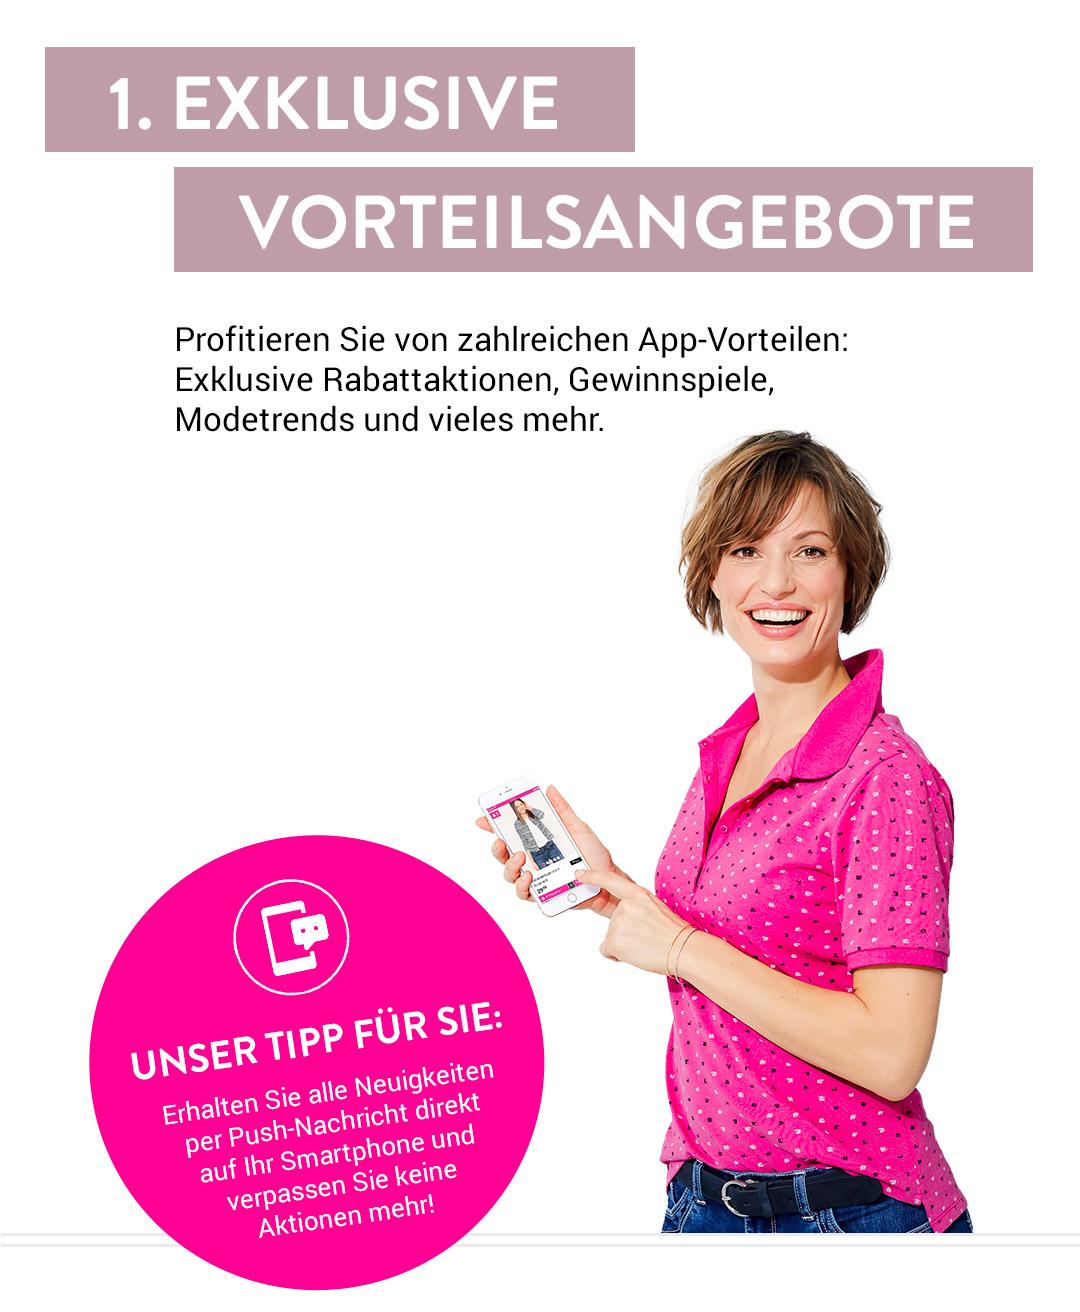 ADLER Mode 10€ App Gutschein....Freebies möglich bei offline / bei online 15€ MBW aber keine Vsk via App